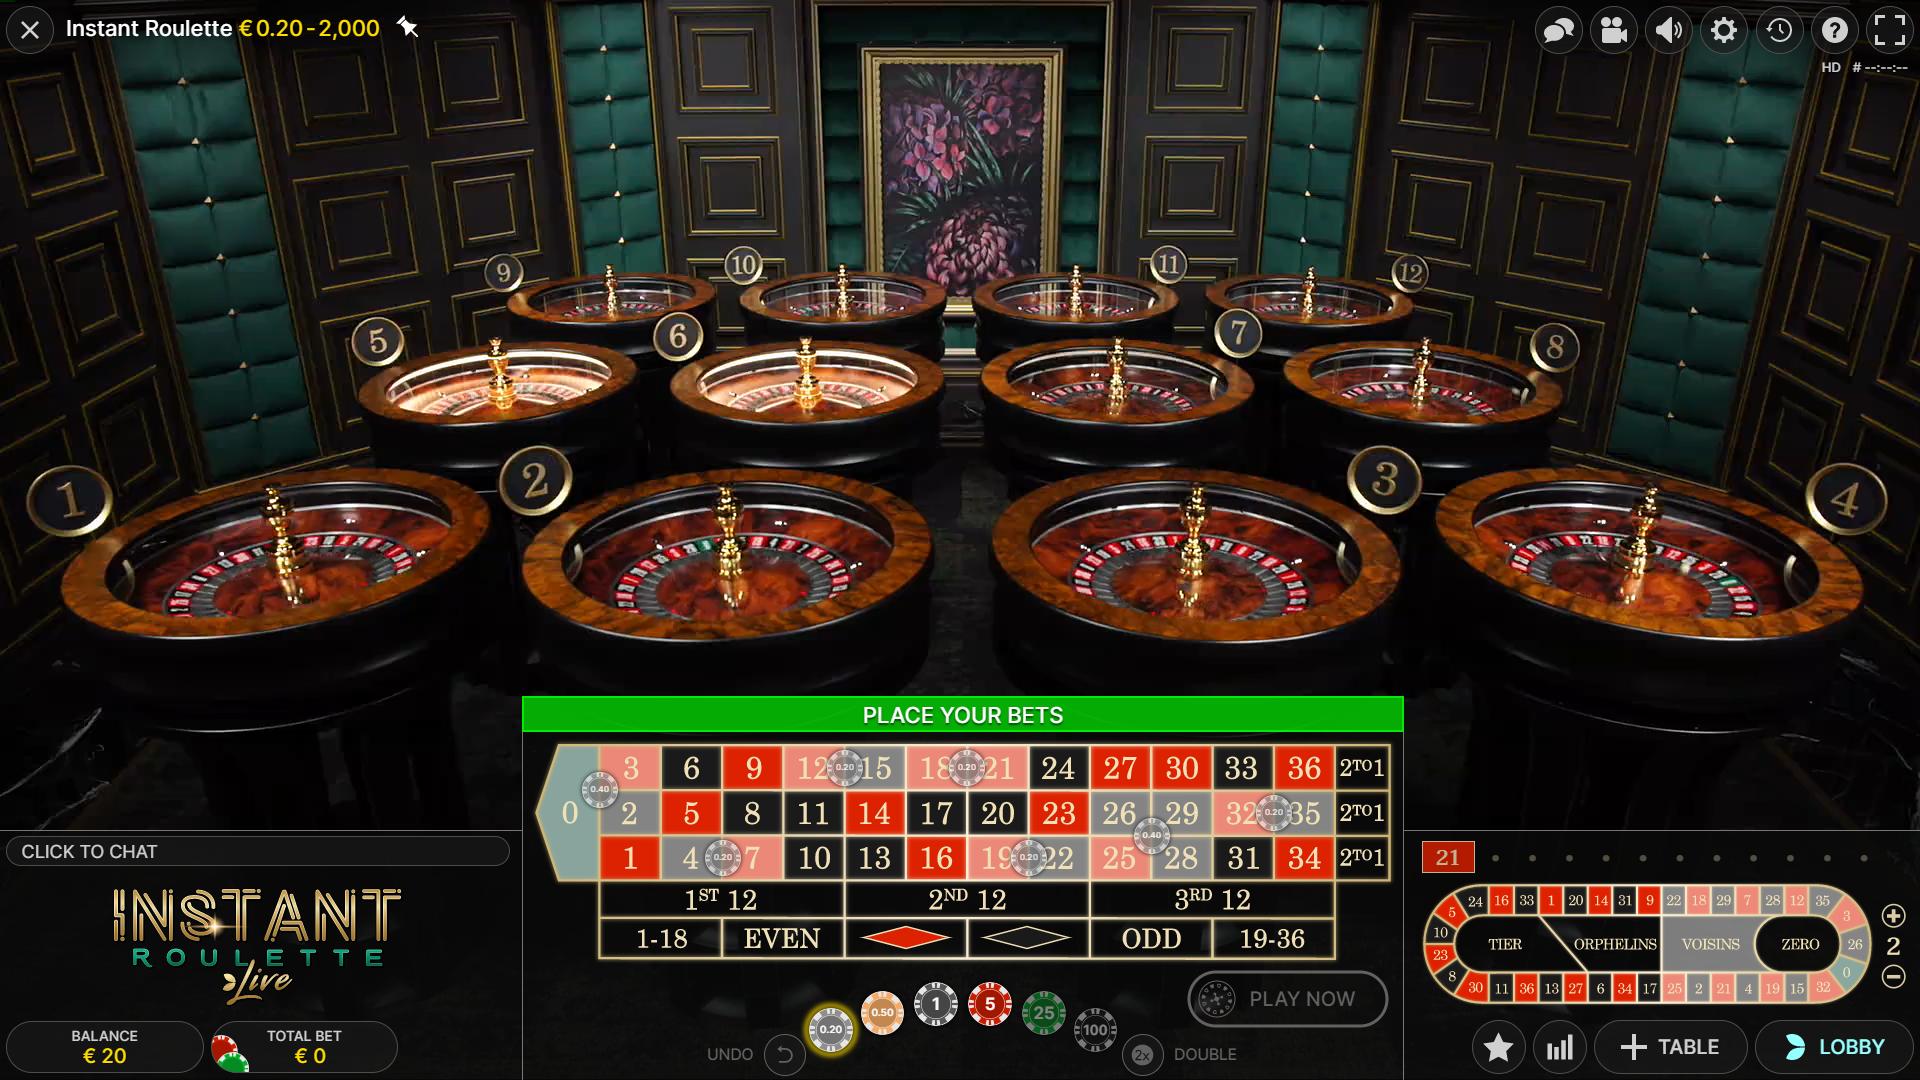 sistem taruhan roulette instan tingkatan voisins bahkan aneh